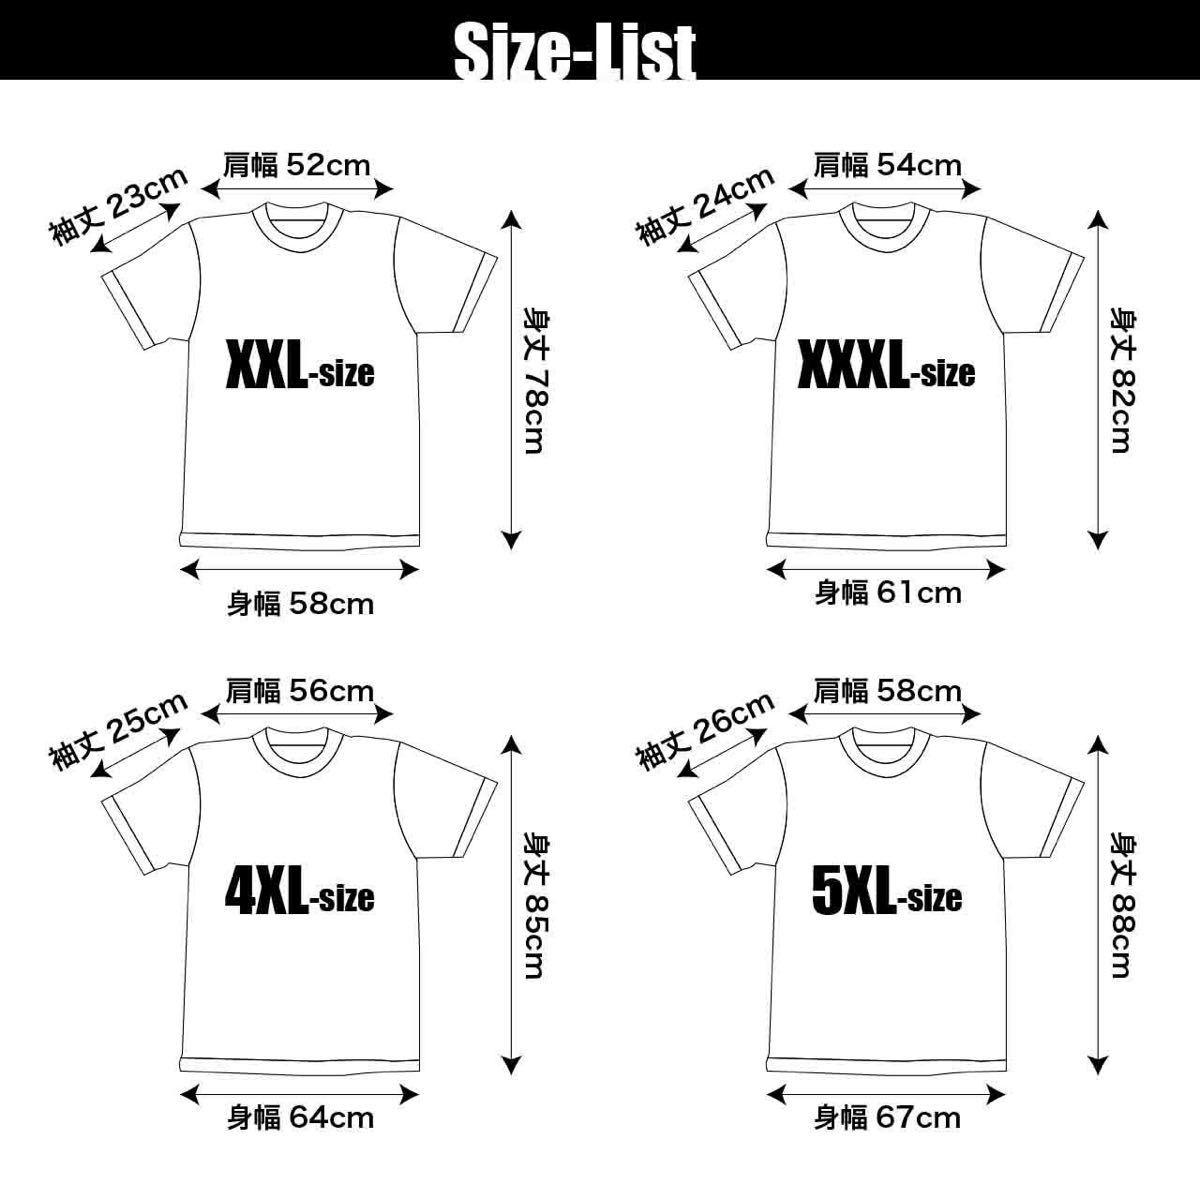 新品 トップガン マーヴェリック トムクルーズ US AIR FORCE 空軍 パーカー XS S M L XL ビッグ オーバーサイズ XXL 黒 Tシャツ ロンT 対応_画像9